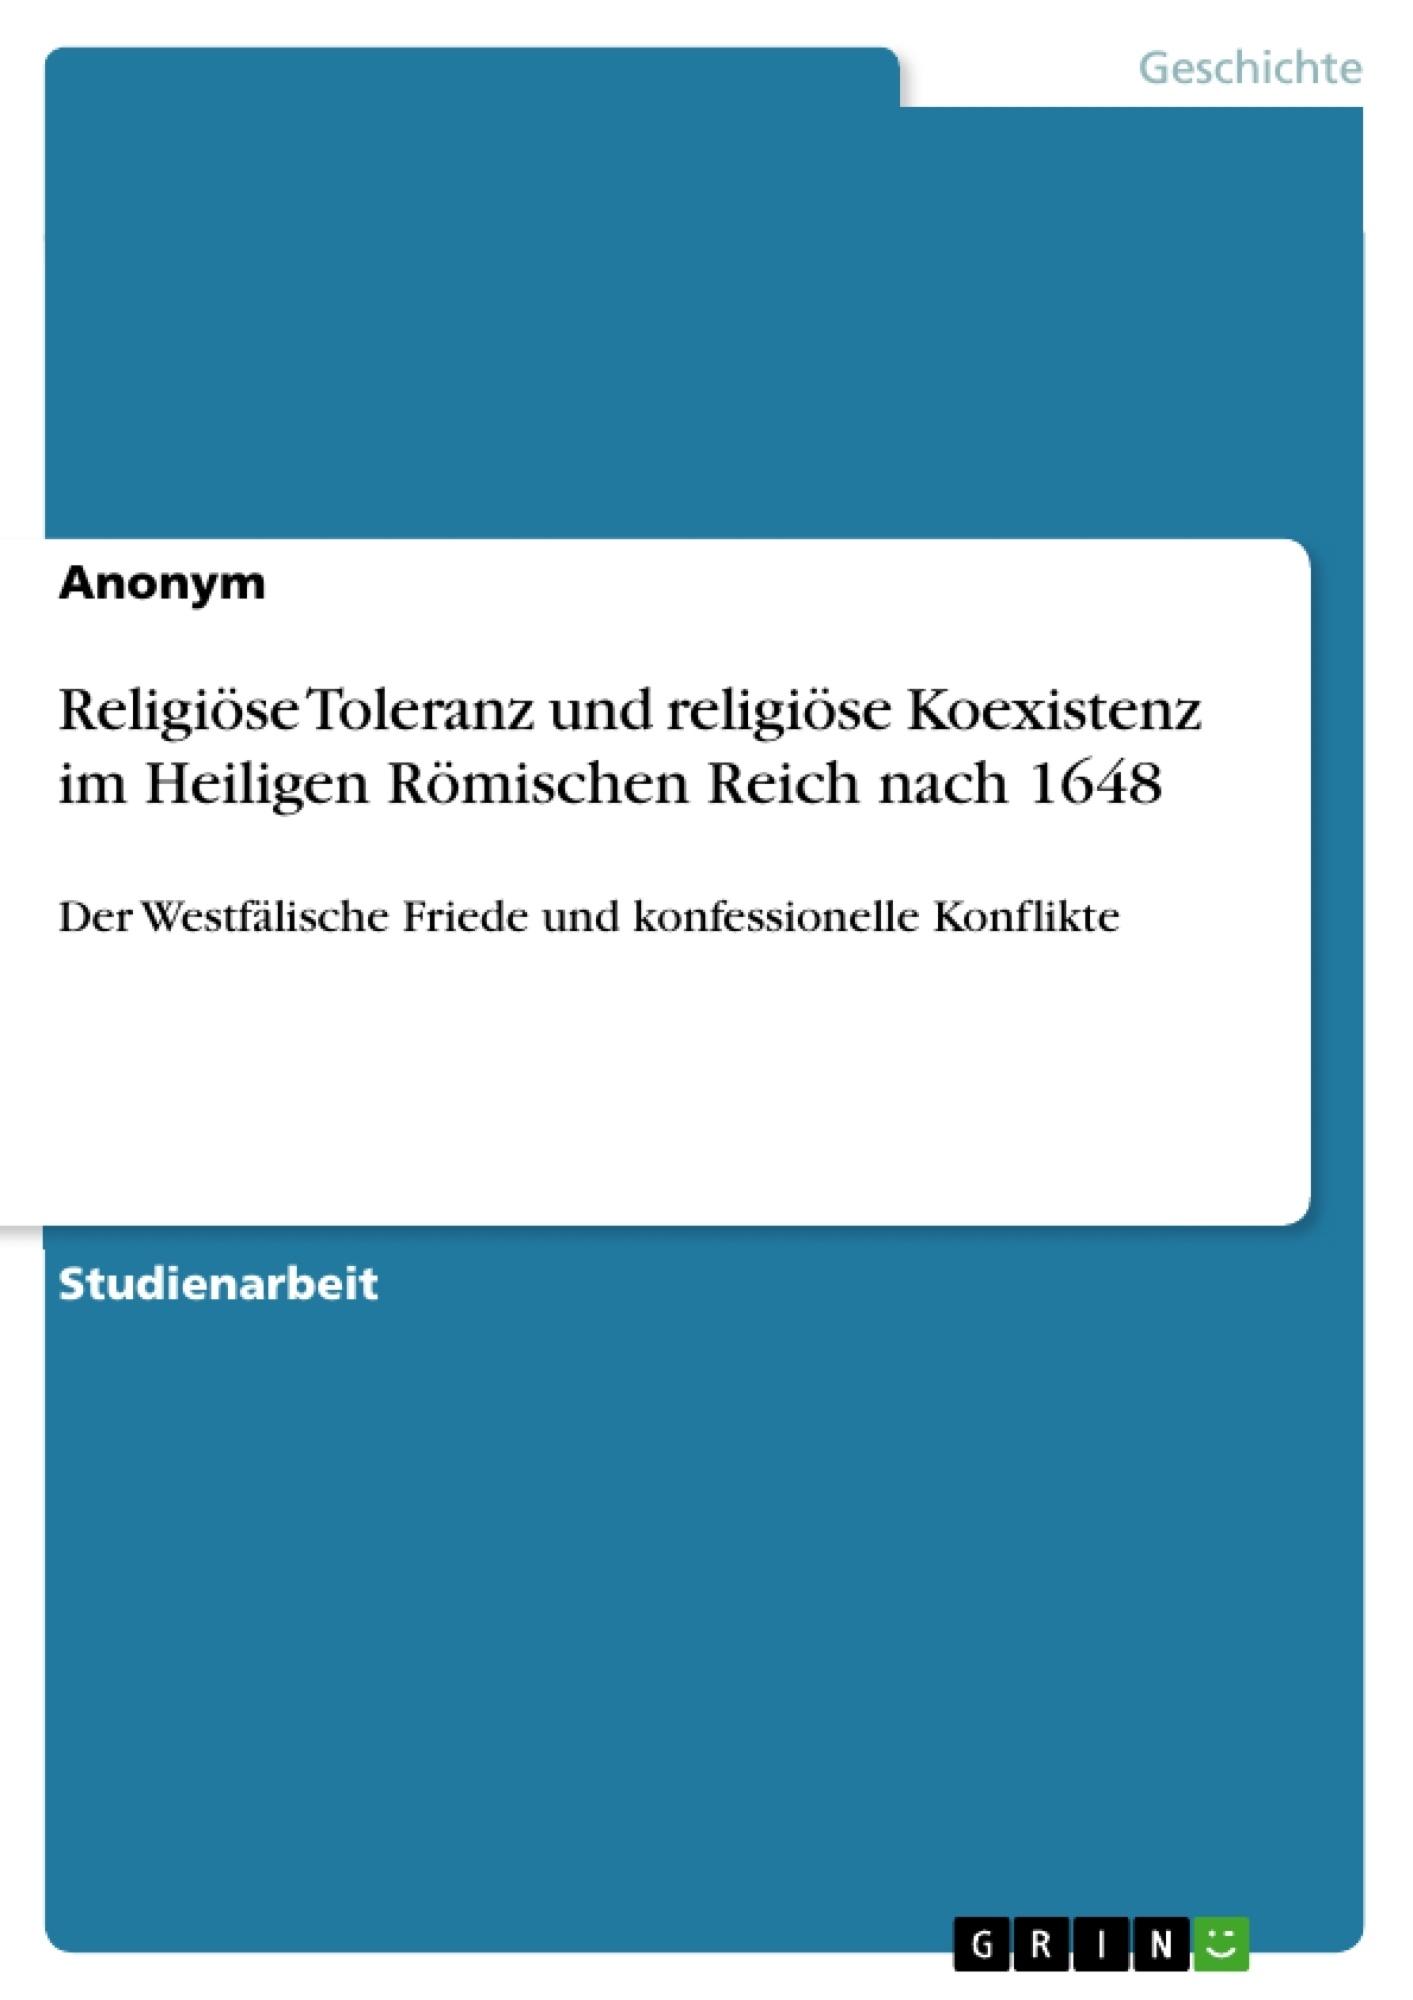 Titel: Religiöse Toleranz und religiöse Koexistenz im Heiligen Römischen Reich nach 1648